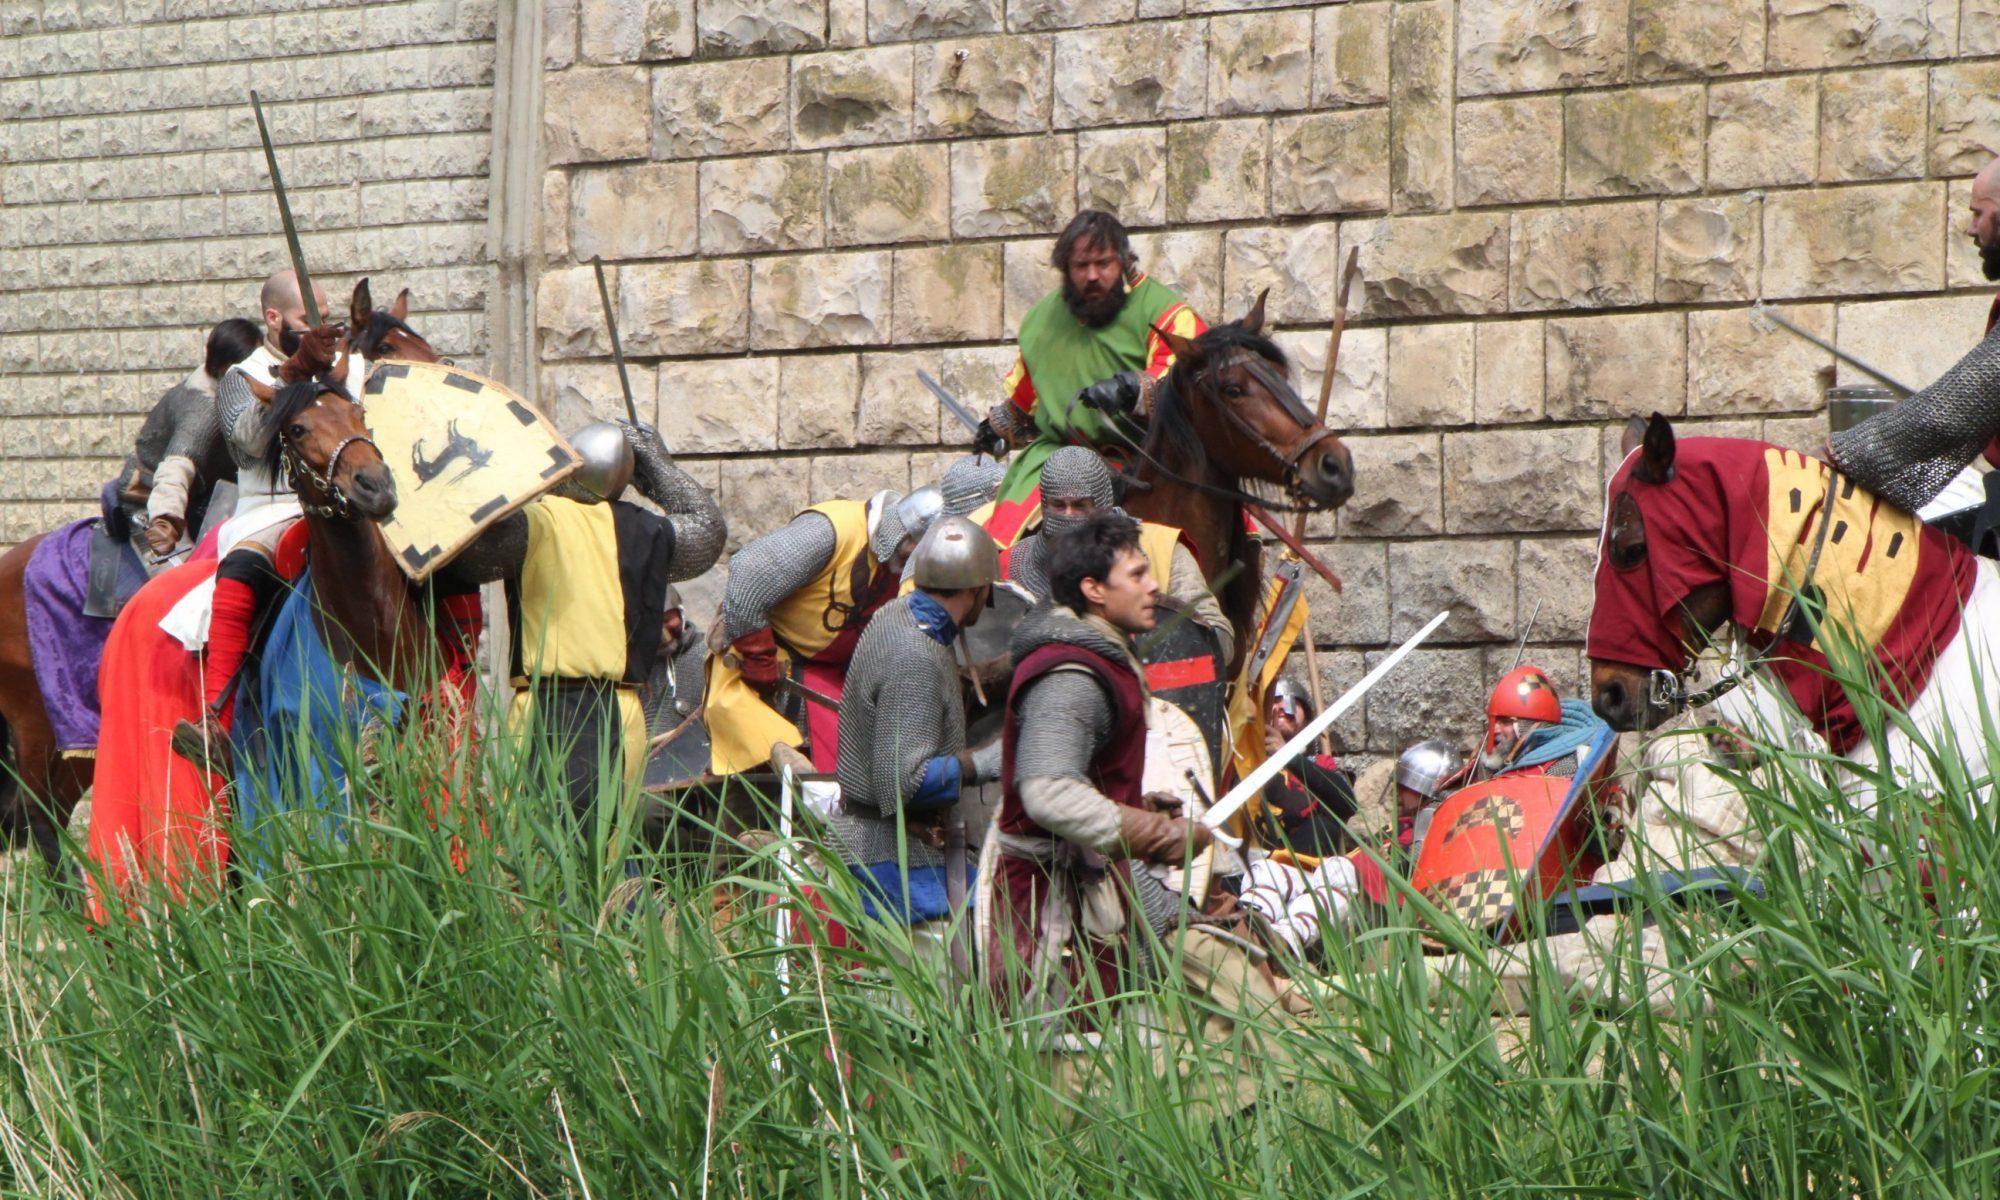 batallas-de-caballeros-en-el-homenaje-a-guillem-de-mont-rodón recreación de la época medieval